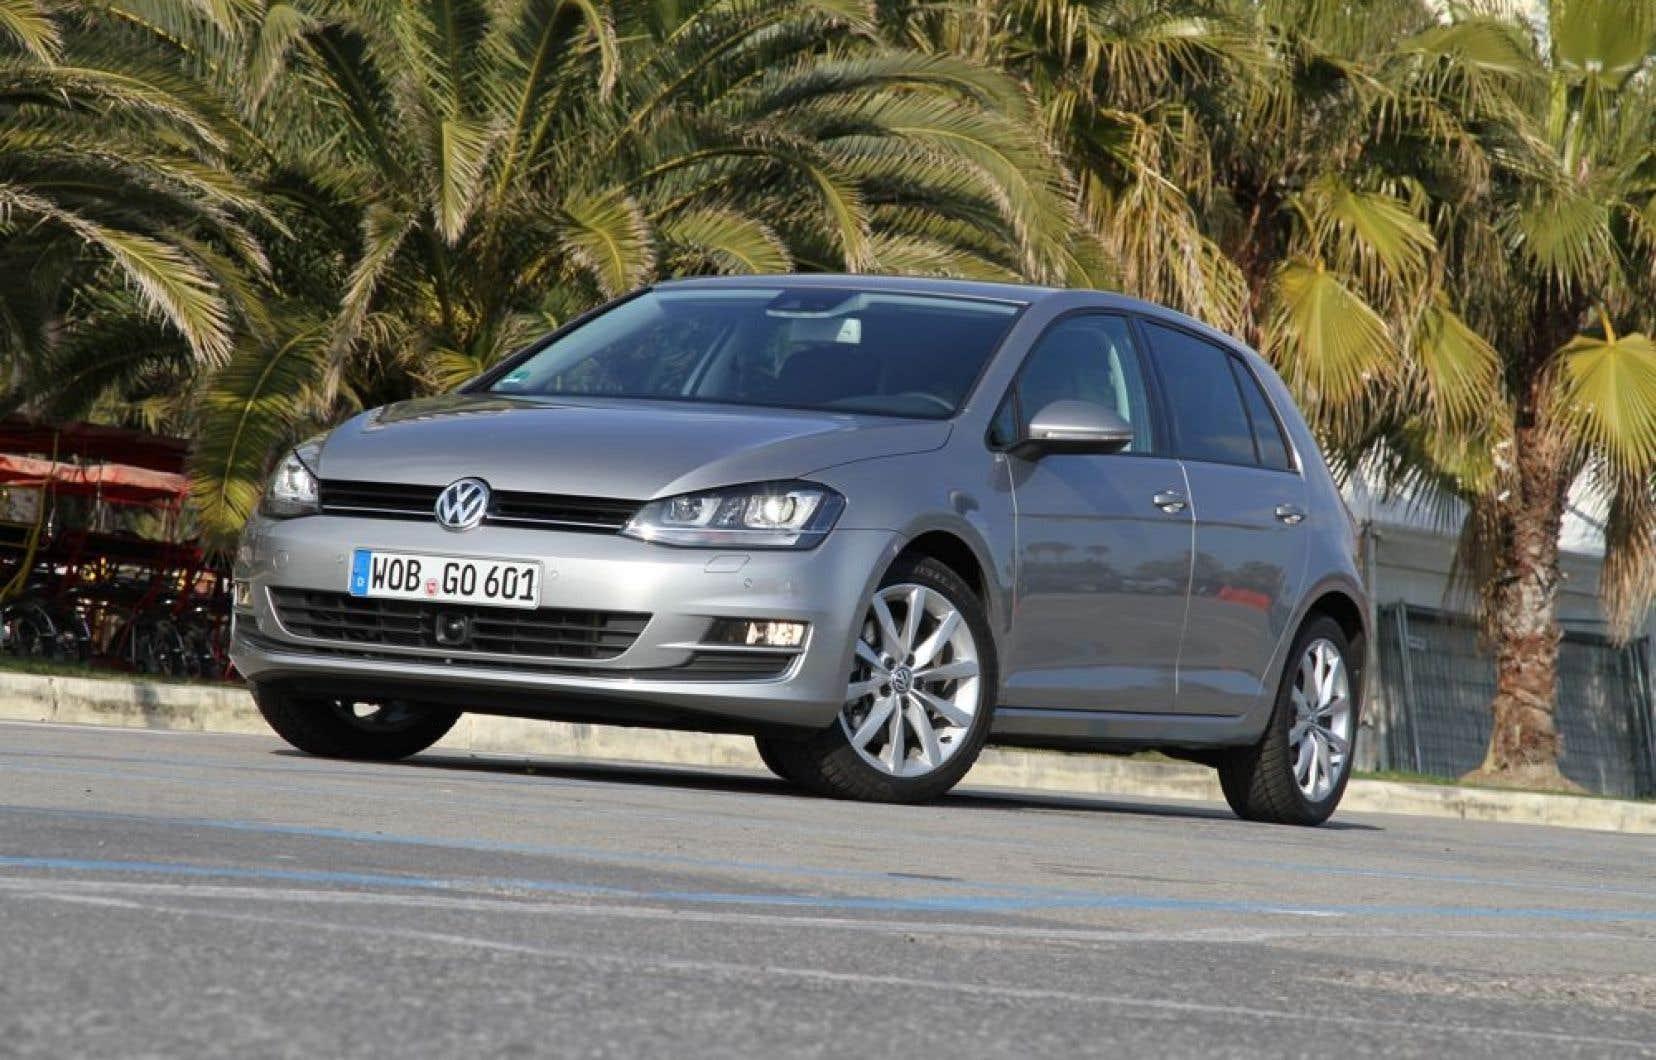 Les acheteurs canadiens ne pourront se procurer la nouvelle Golf avant le printemps 2014, puisque Volkswagen travaille sur des mécaniques exclusives au marché nord-américain.